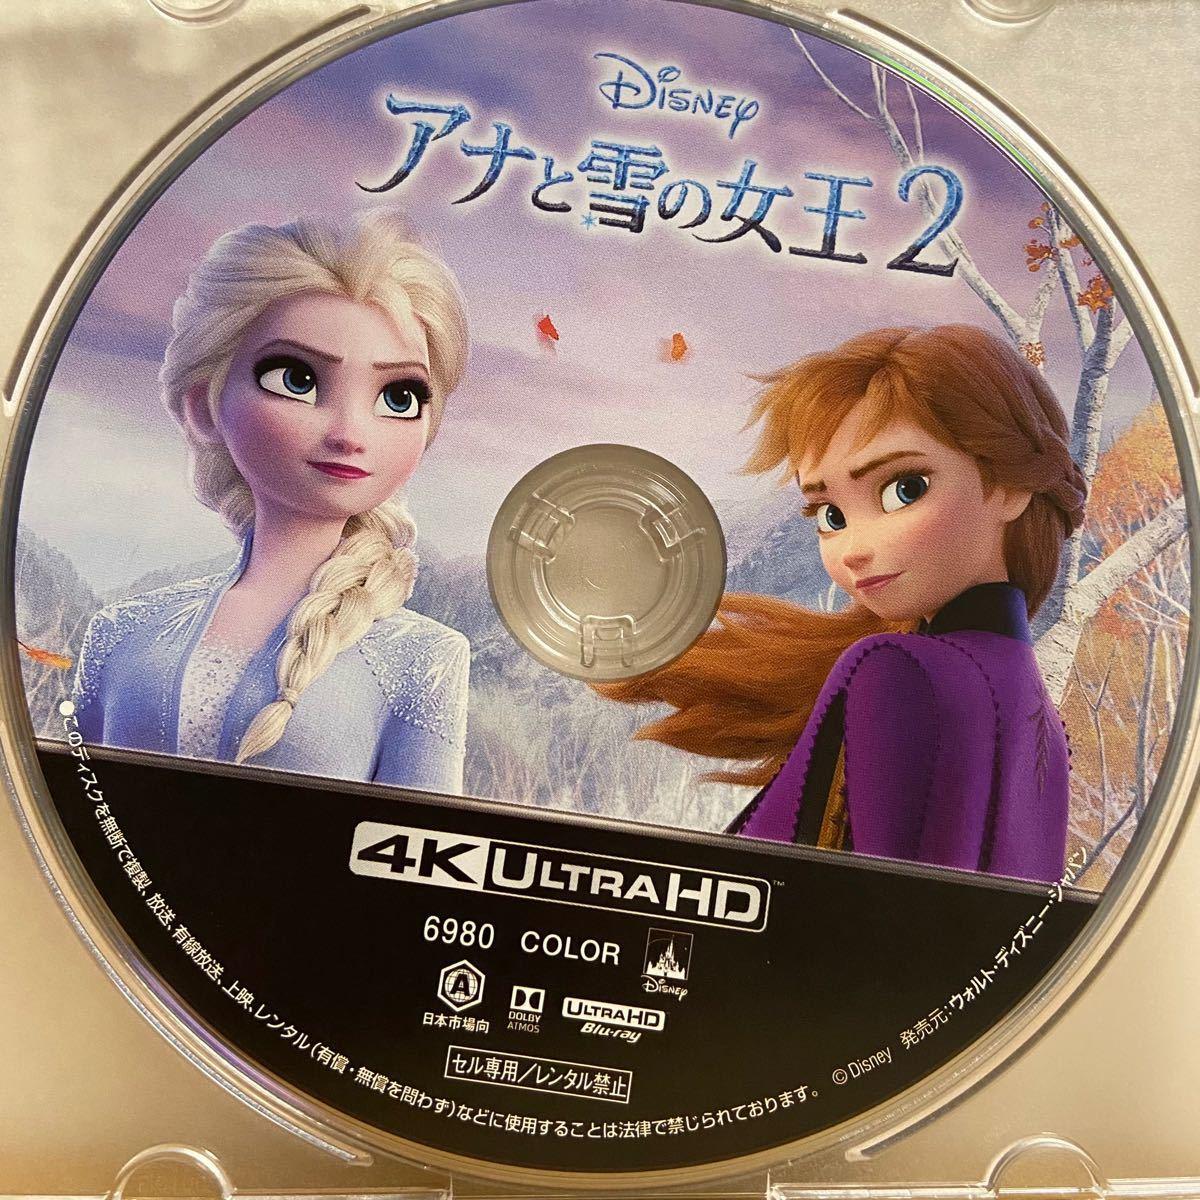 アナと雪の女王2 4K UHDブルーレイのみ